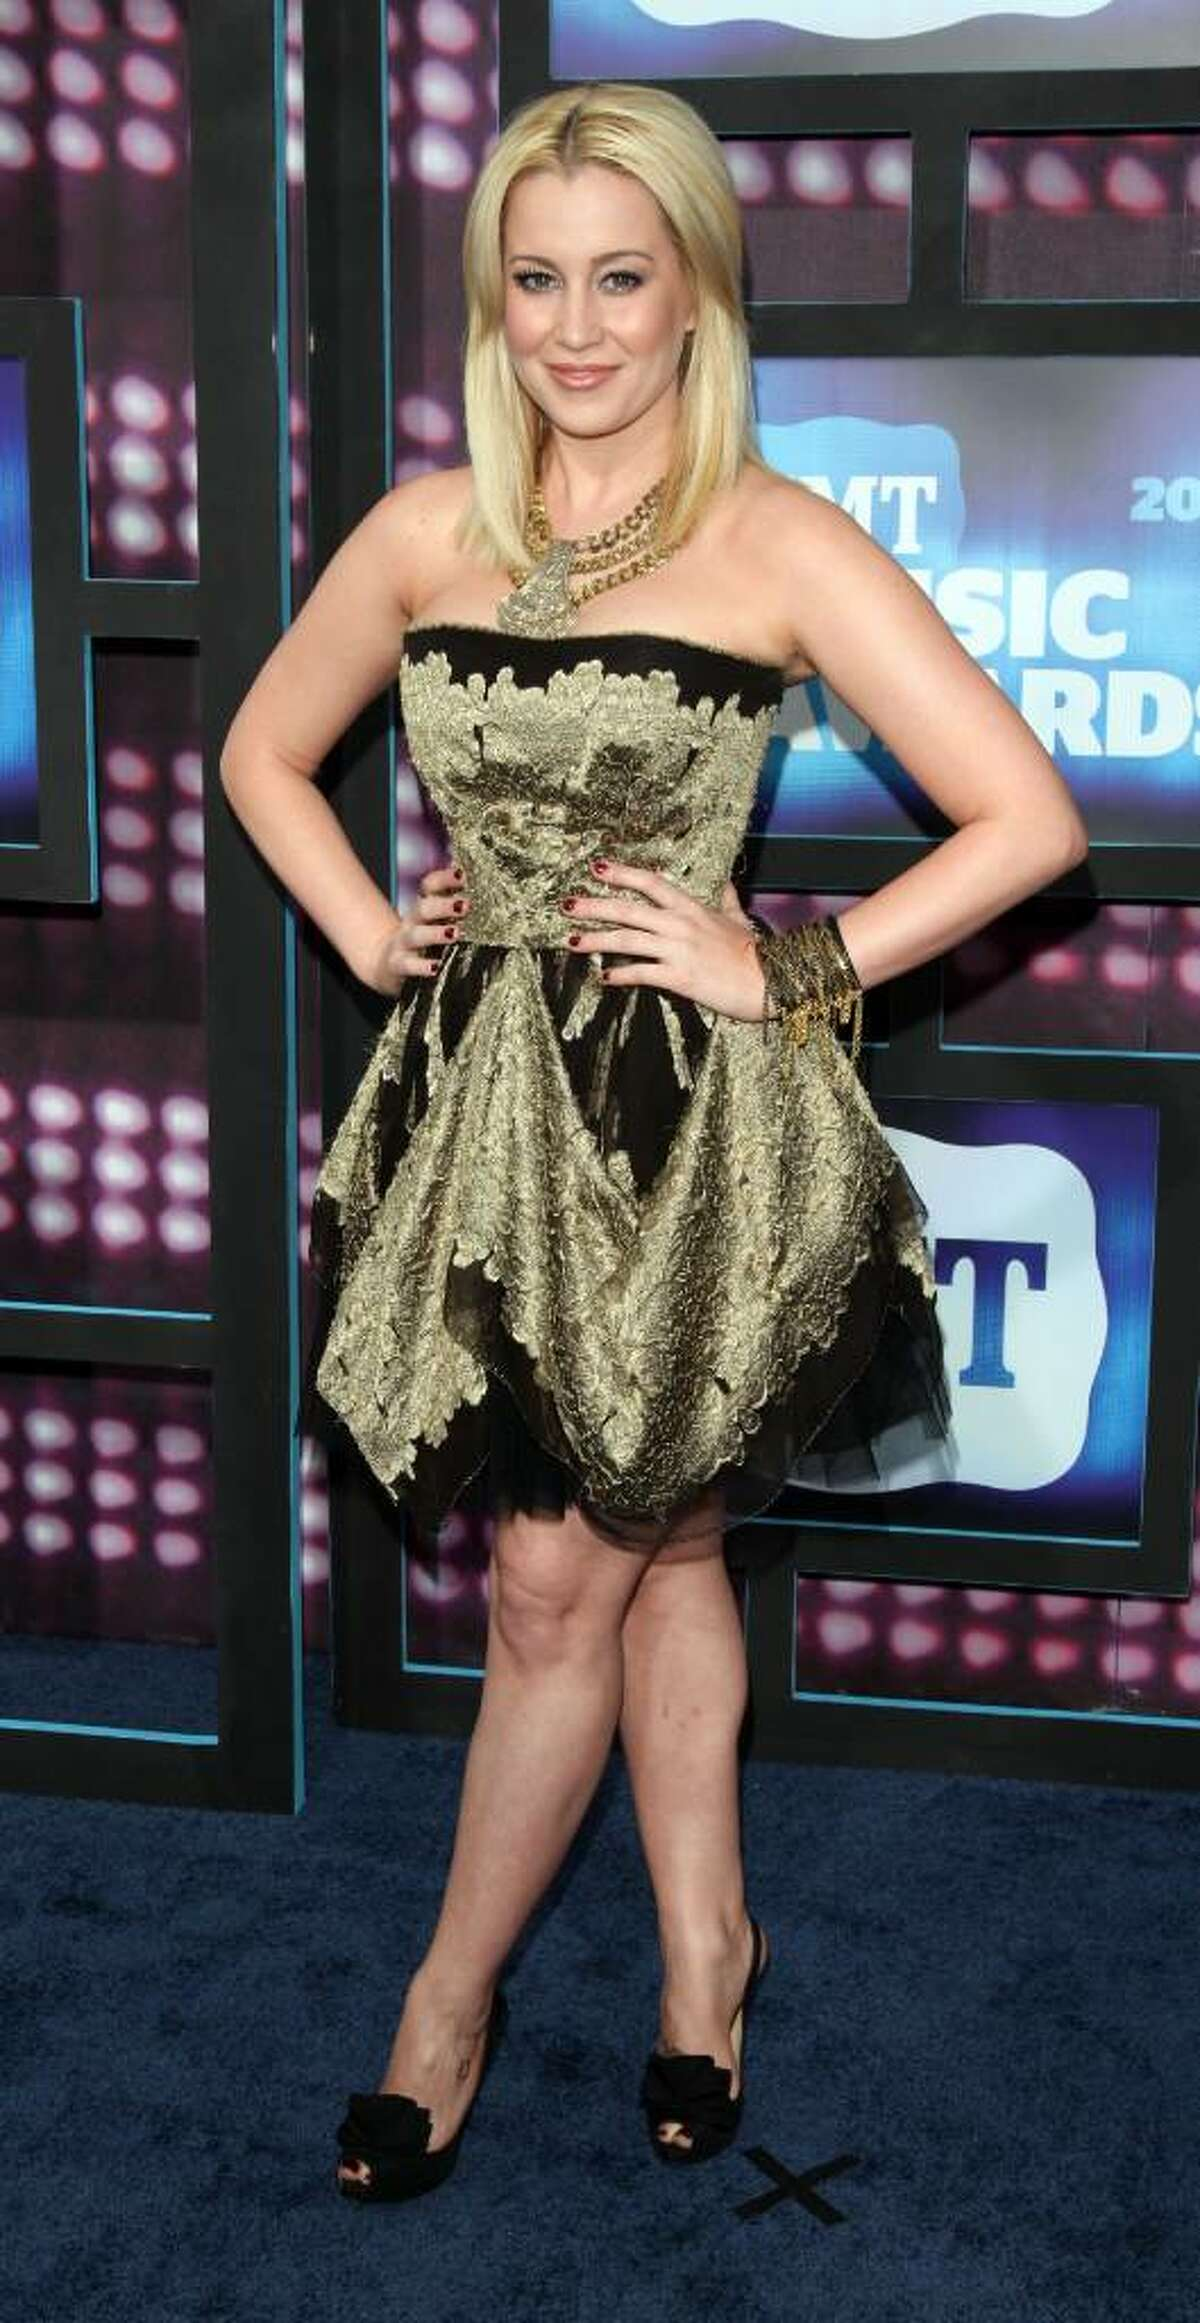 Kellie Pickler attends the 2010 CMT Awards in Nashville, Tenn. Wednesday, June 9, 2010. (AP Photo/Peter Kramer)